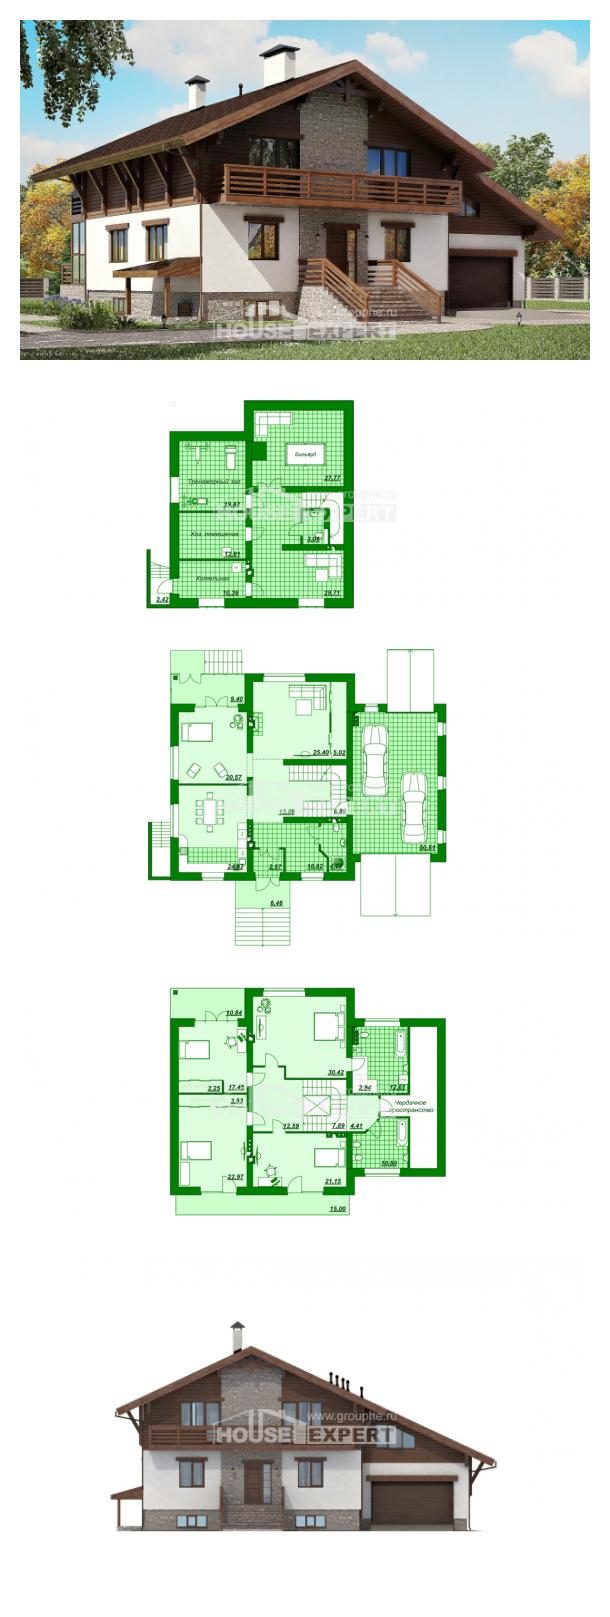 Plan 420-001-R   House Expert